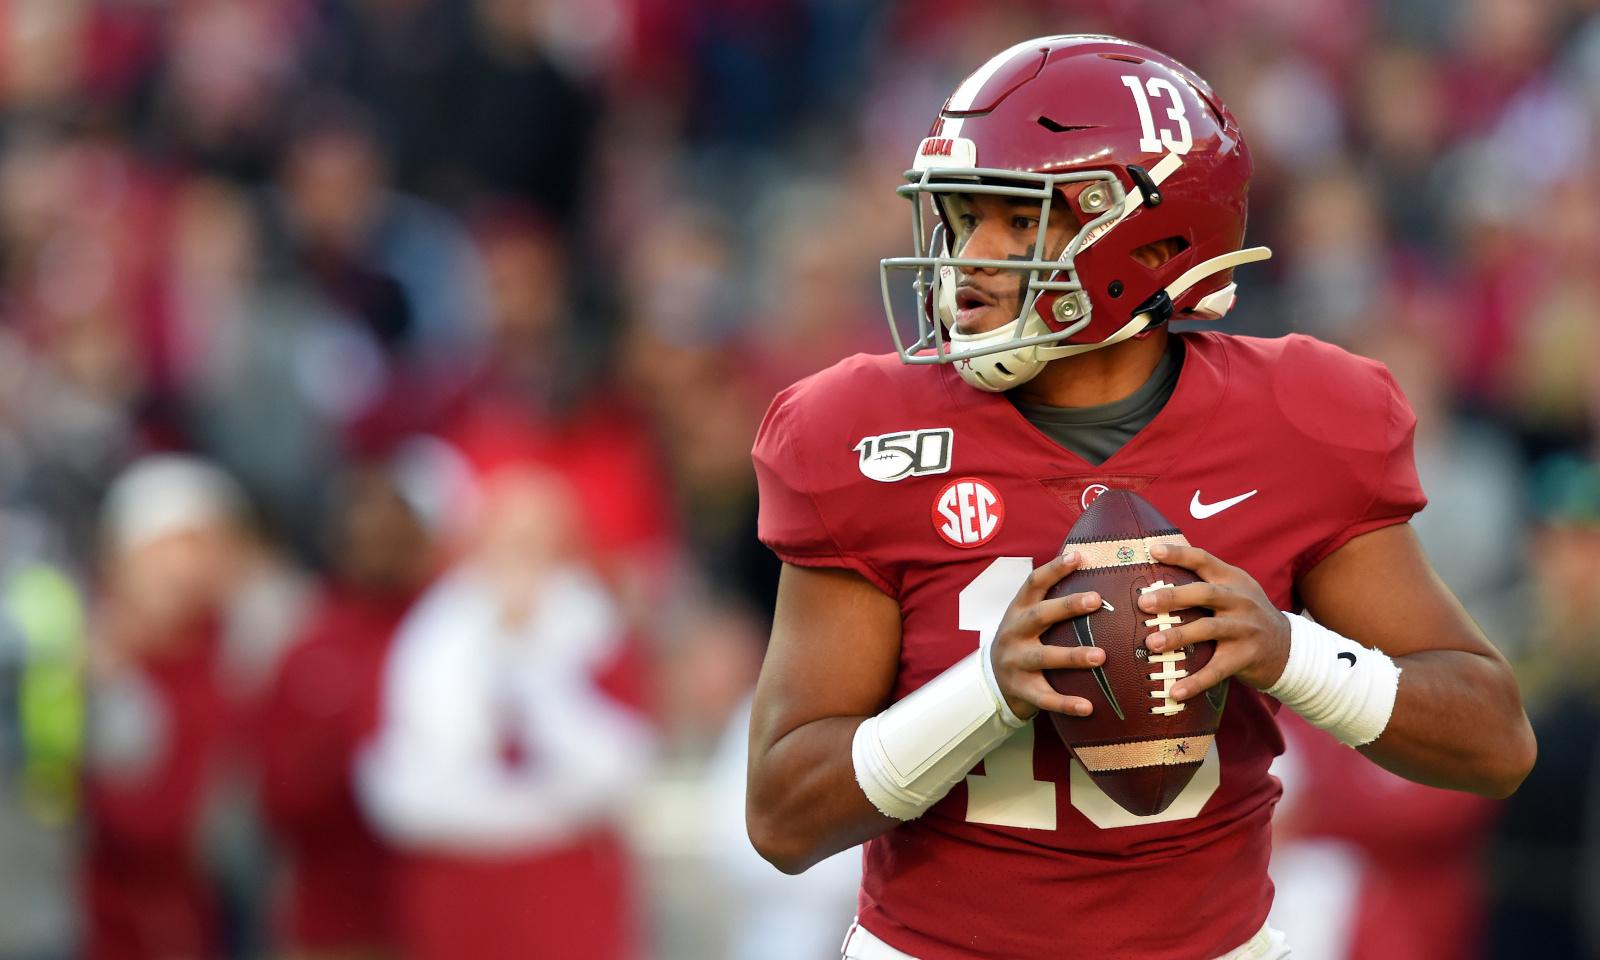 NFL Draft analyst explains why he would take Tua Tagovailoa over Joe Burrow